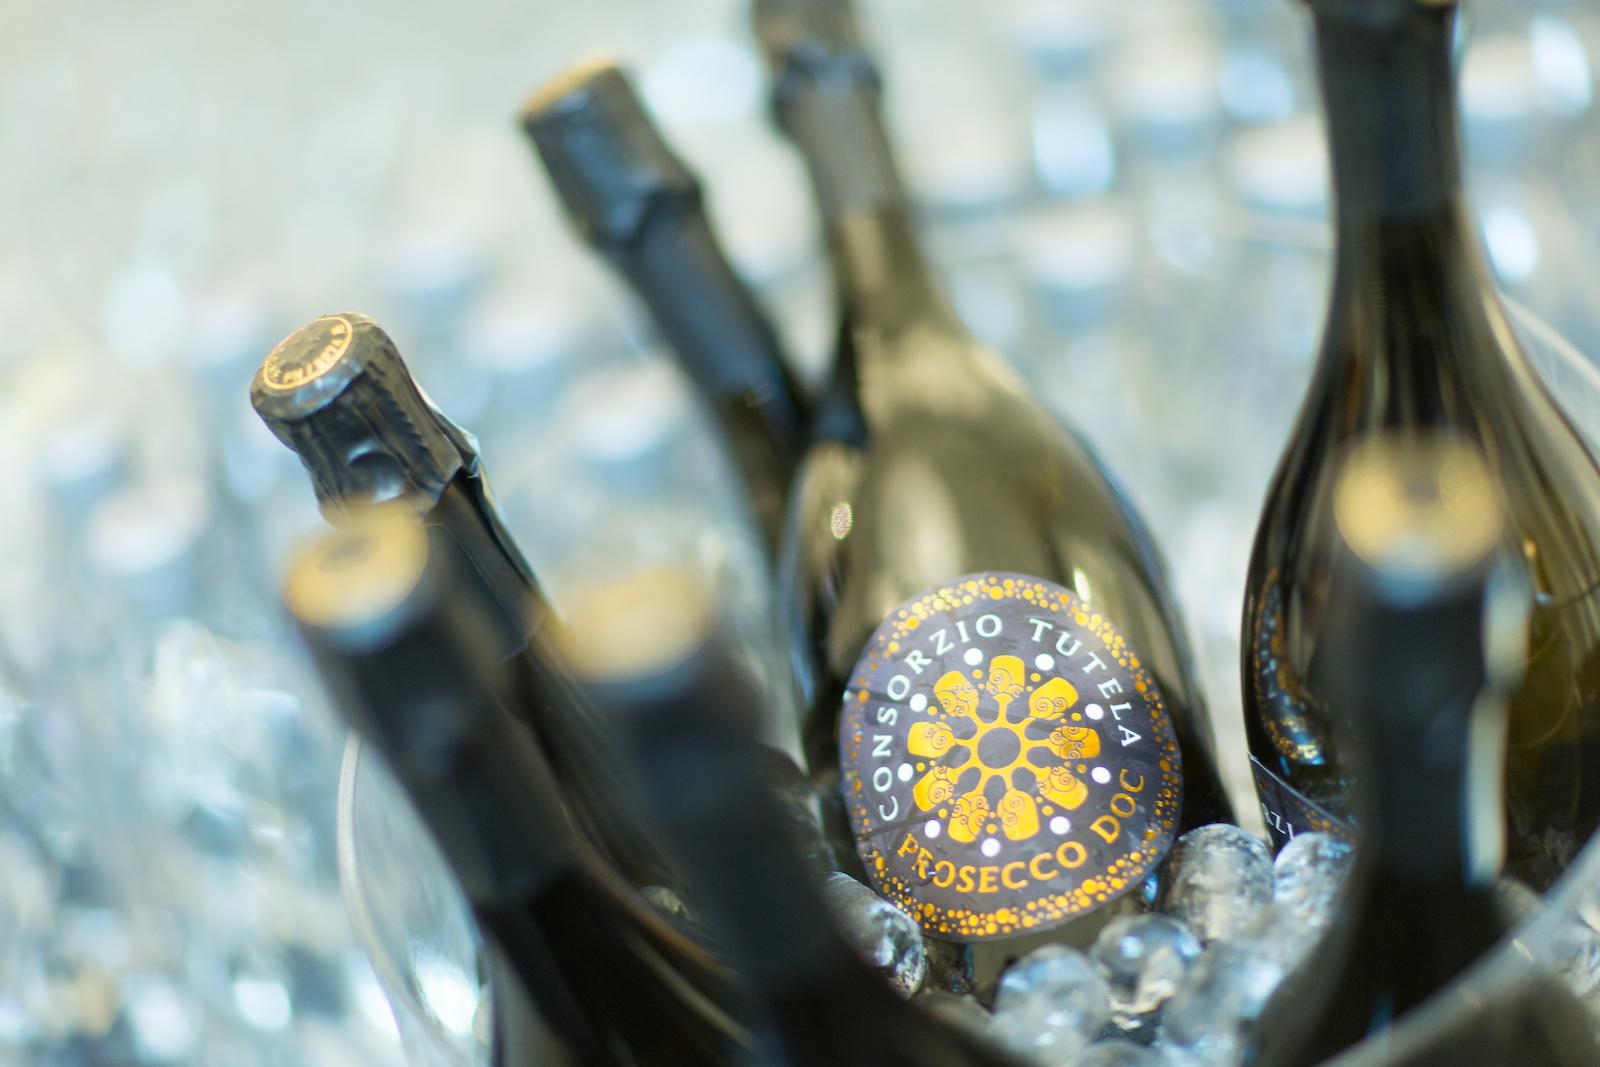 Eisgekühlte Prosecco DOC-Flaschen.